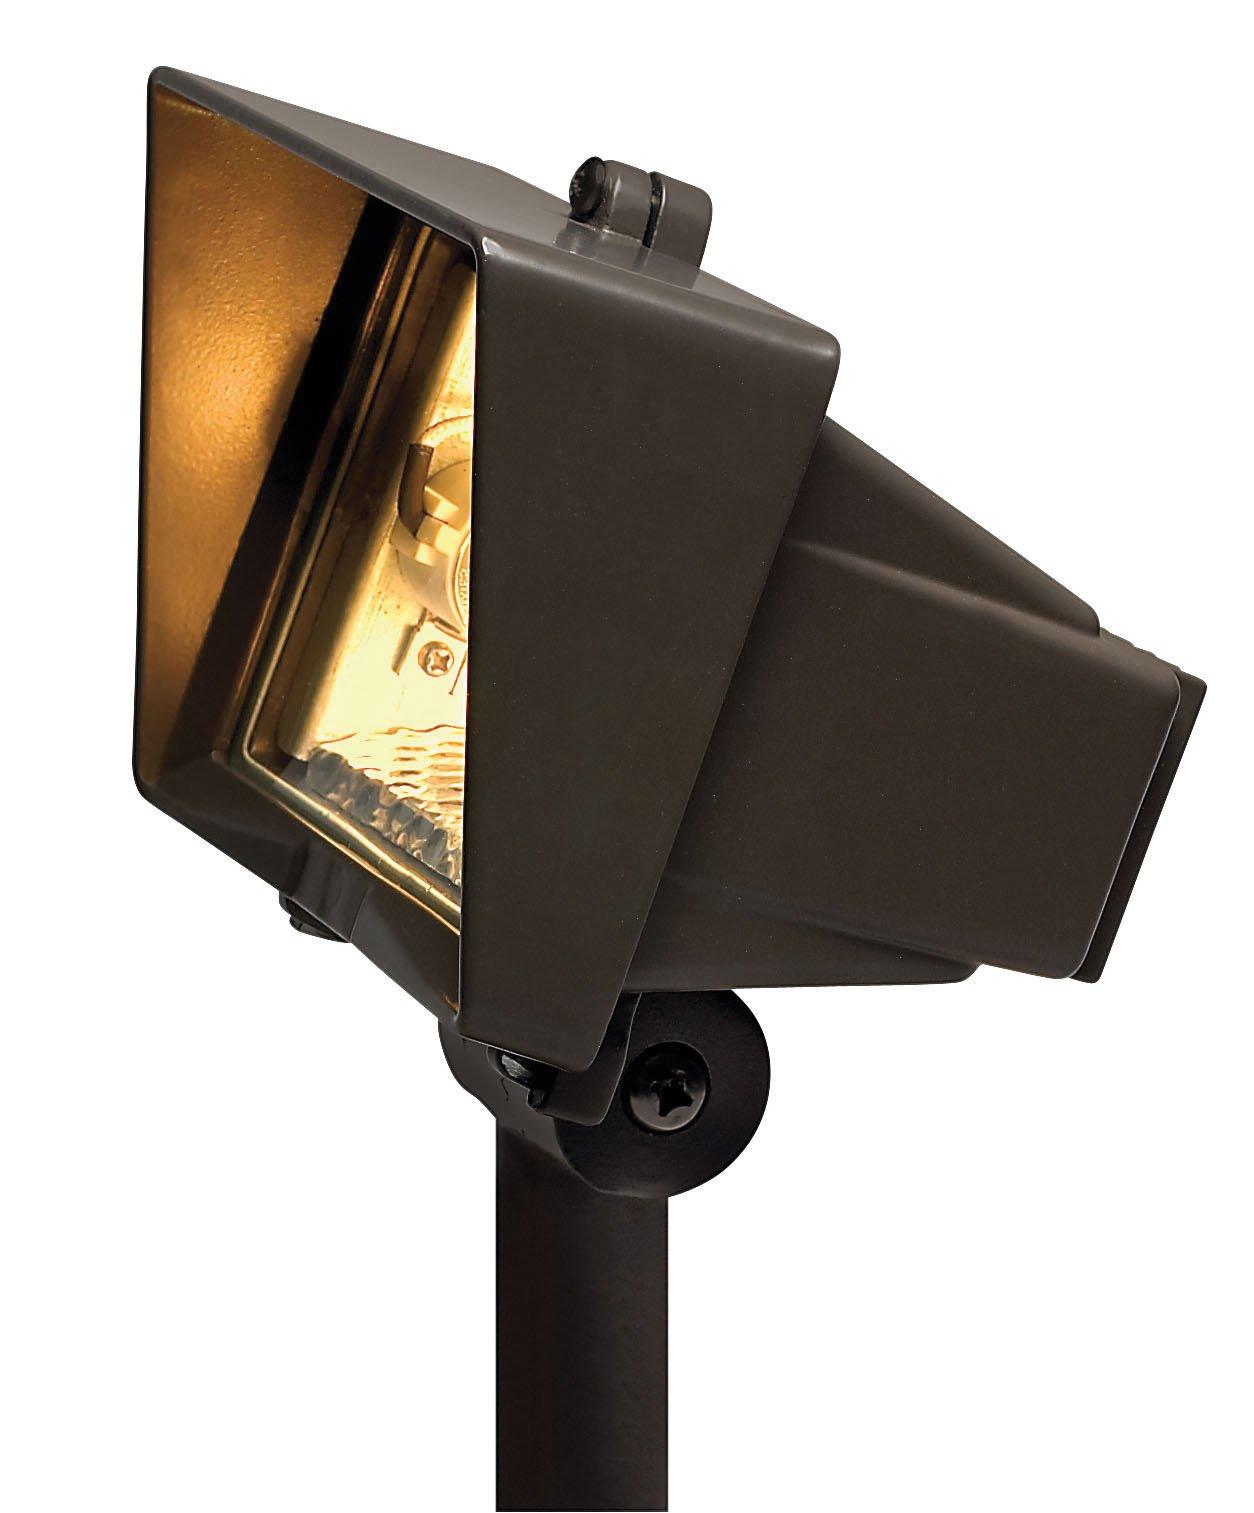 Hinkley 57000BZ Landscape Line Voltage Flood Light